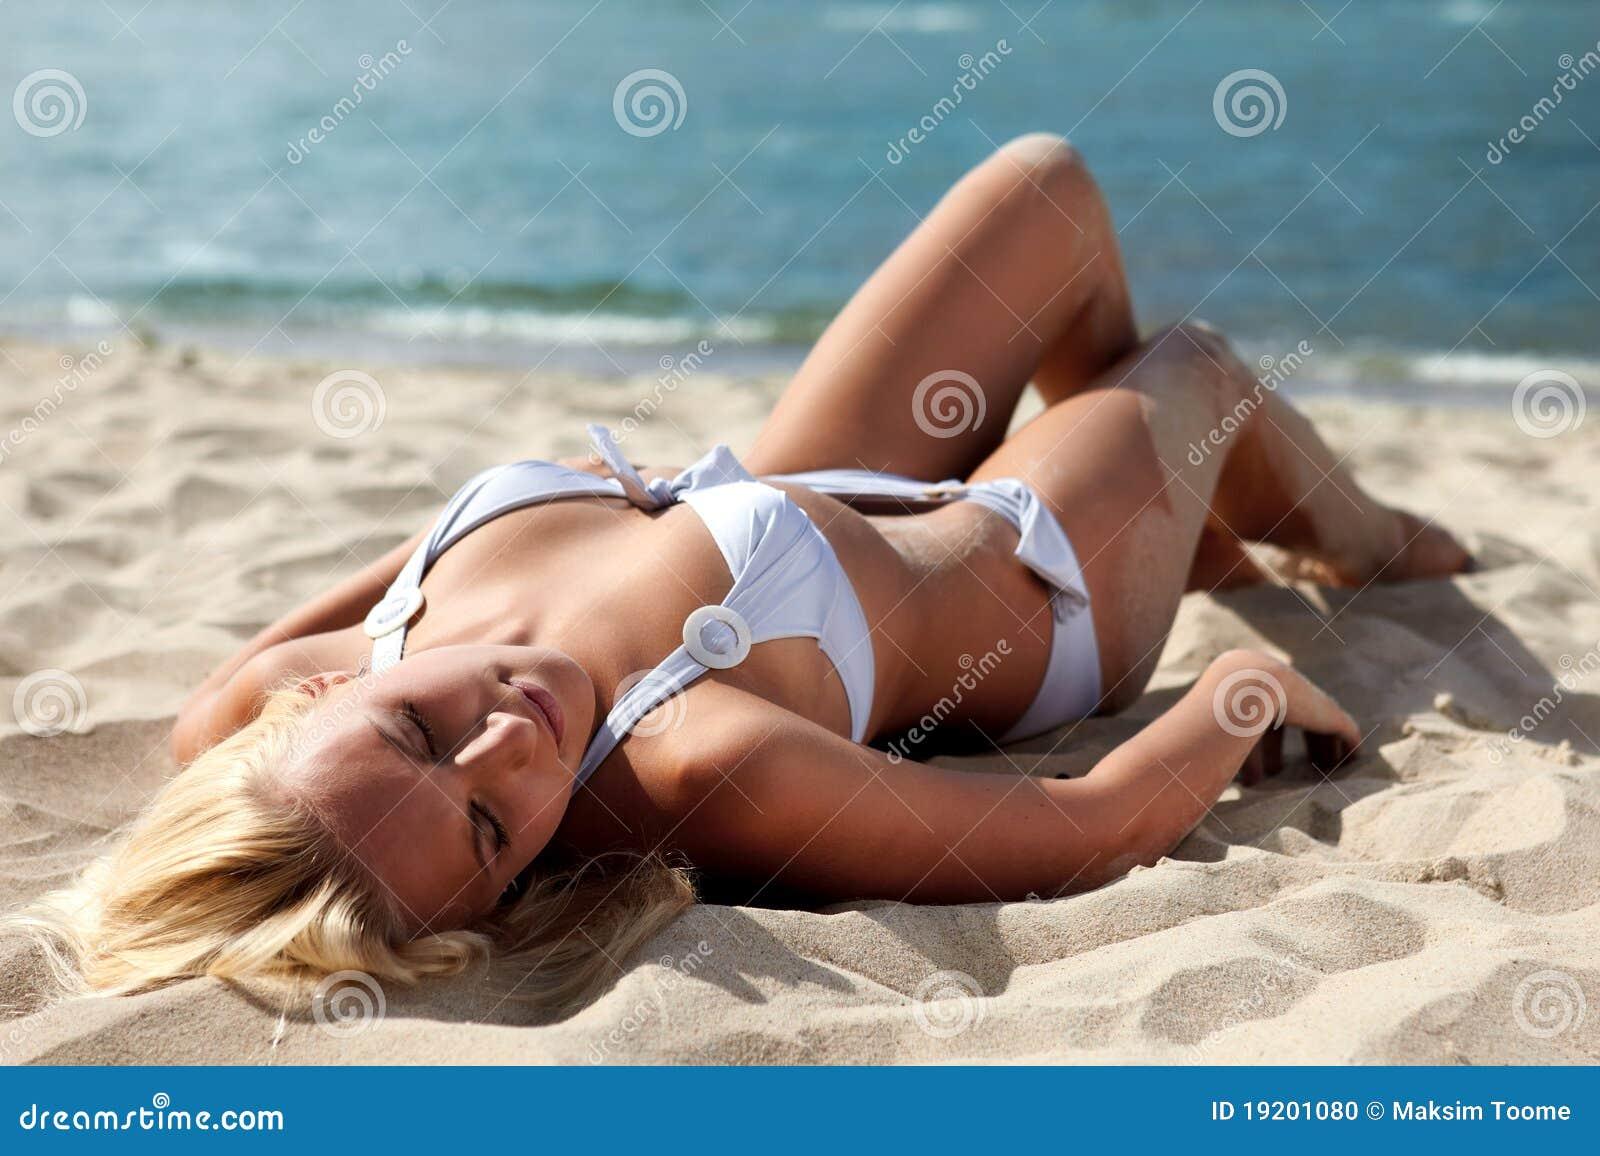 Sur une plage